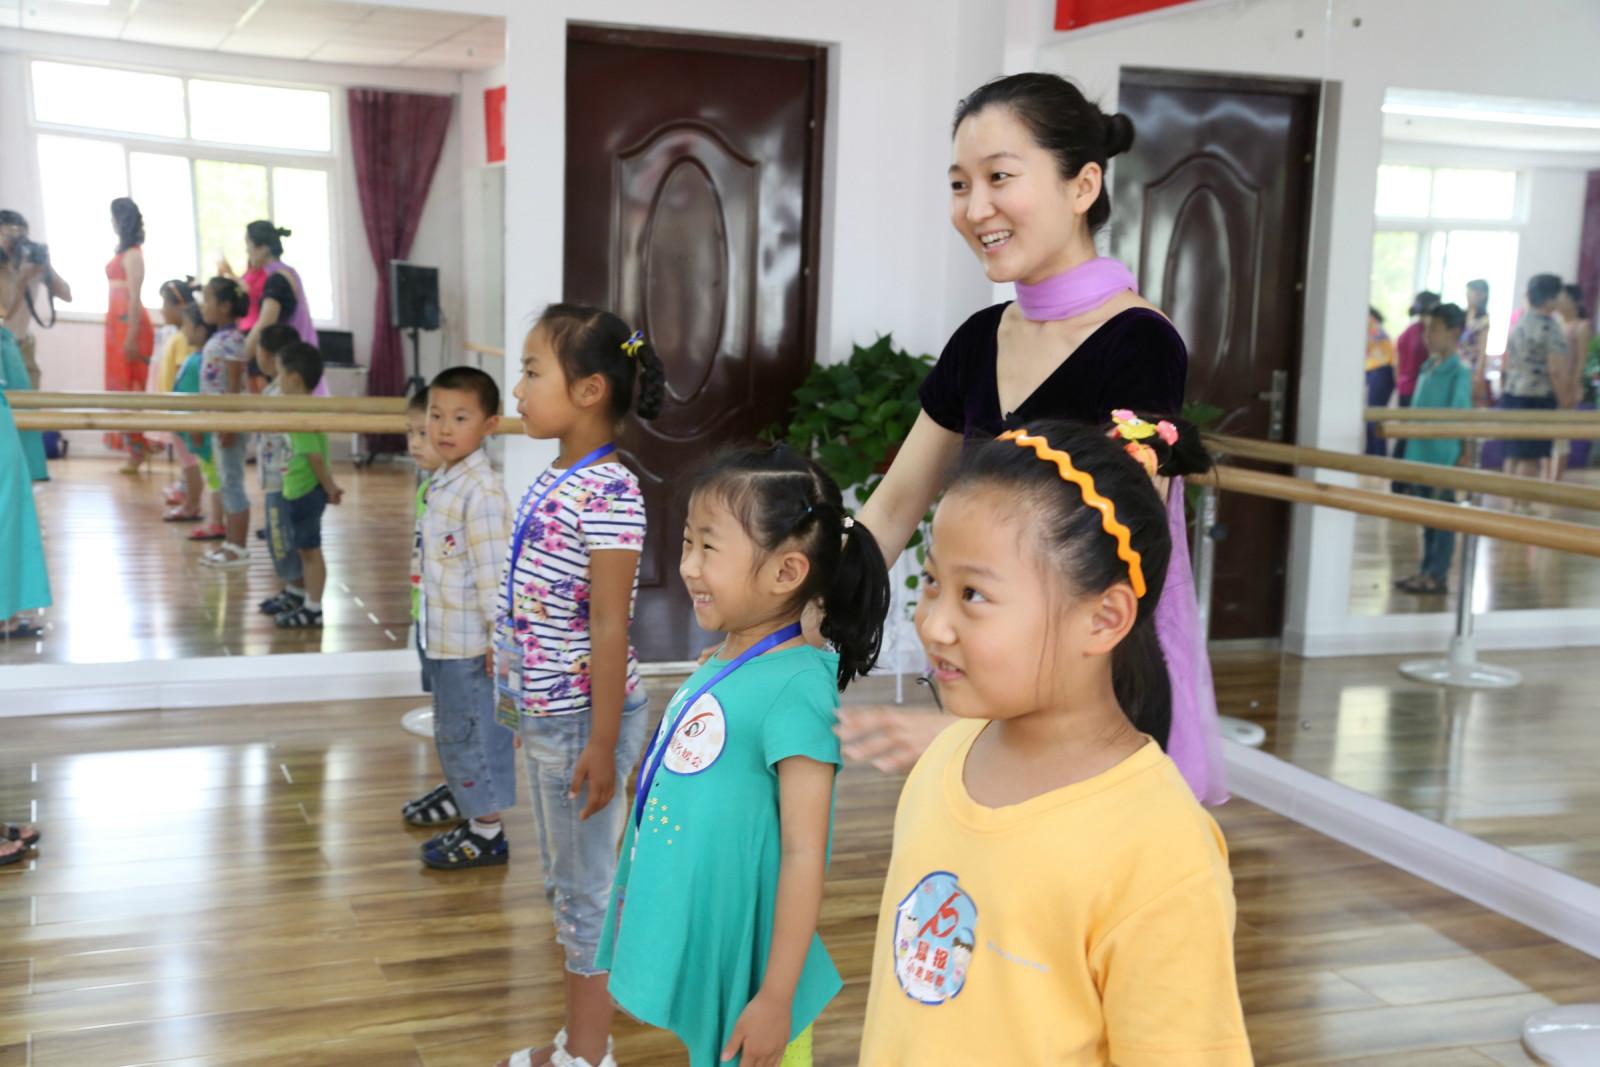 黄伟美少儿形体舞蹈礼仪班常年招生中啦!让您的孩子秒变高贵小公